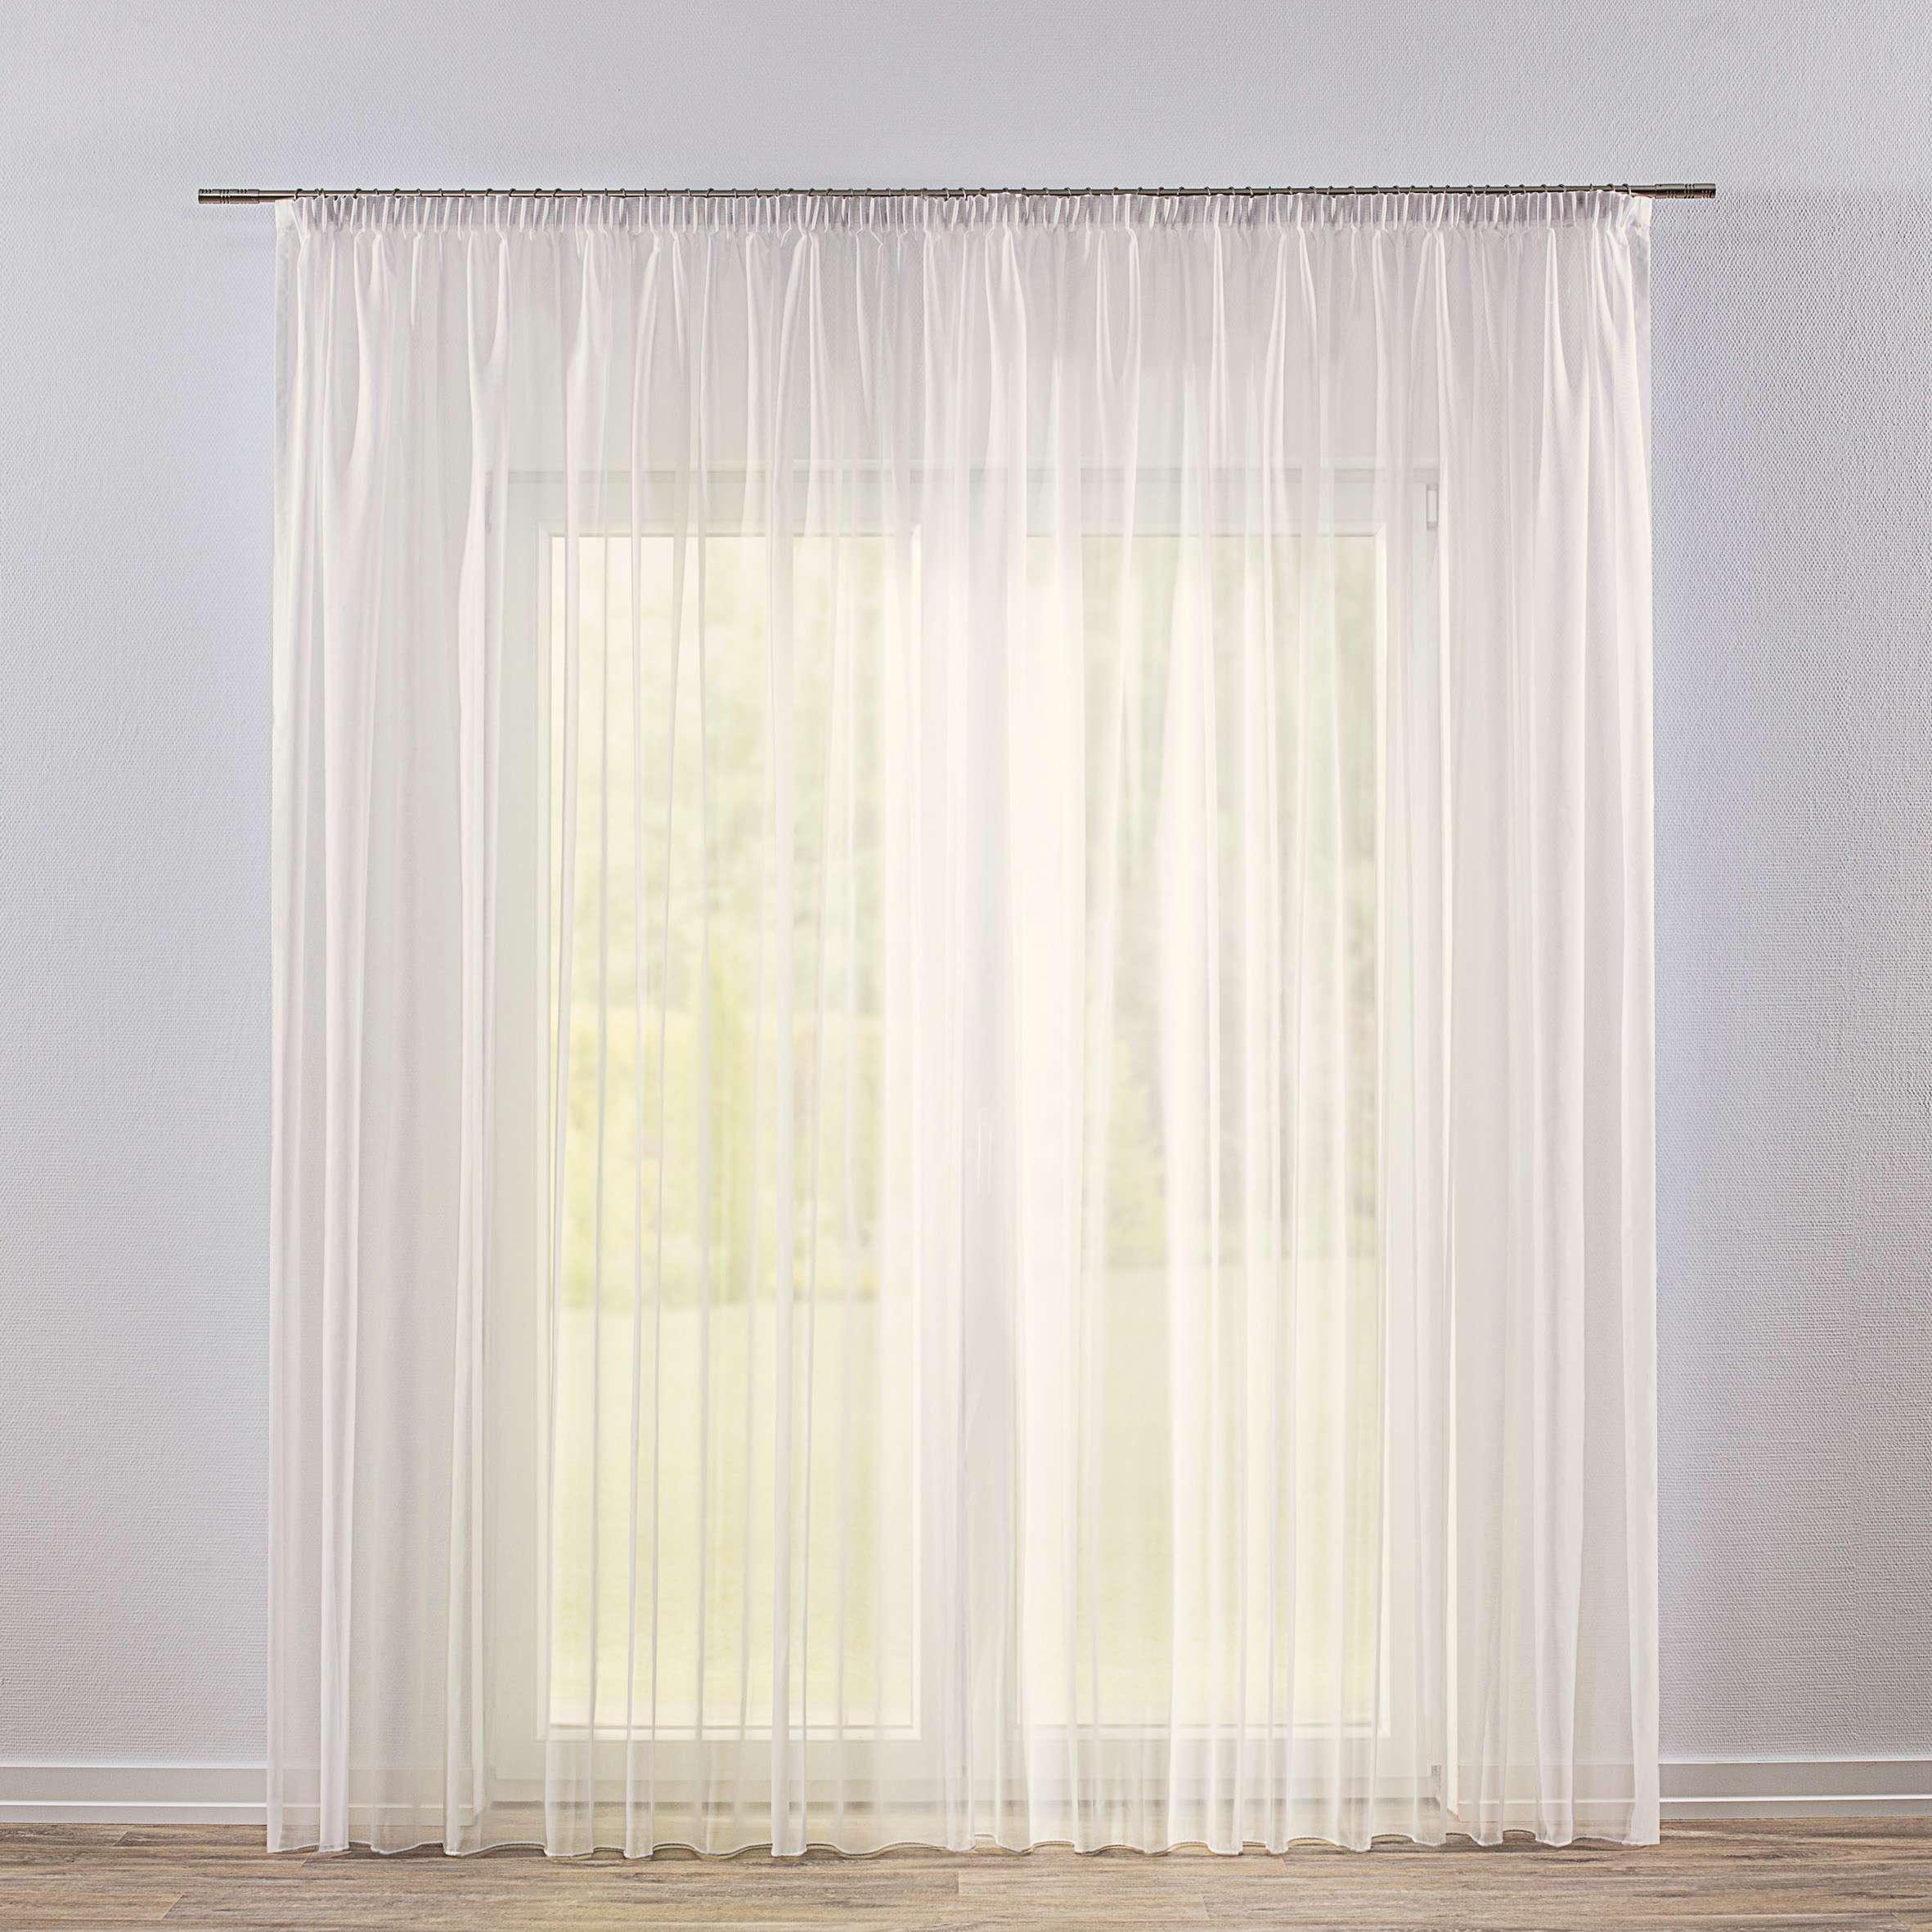 Záclona voálová jednoduchá s řasící páskou na míru v kolekci Voile - Voál, látka: 901-01